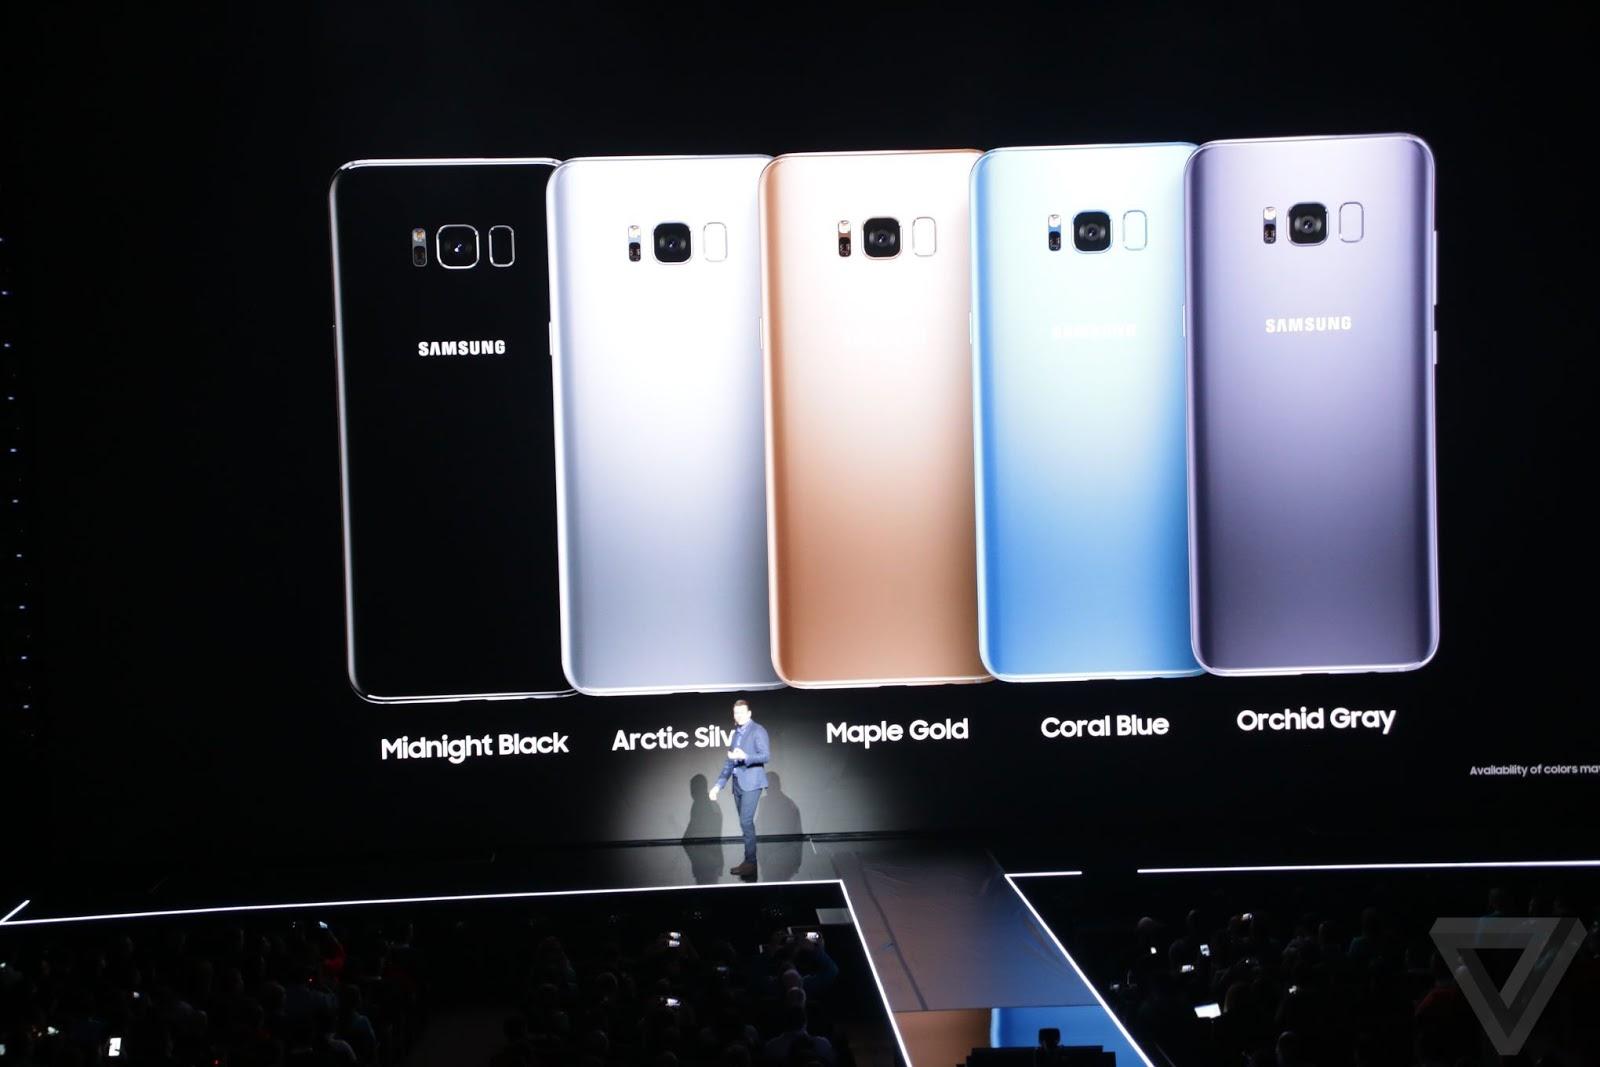 مواصفات سامسونج جالالكسي Samsung Galaxy S8 الجديد